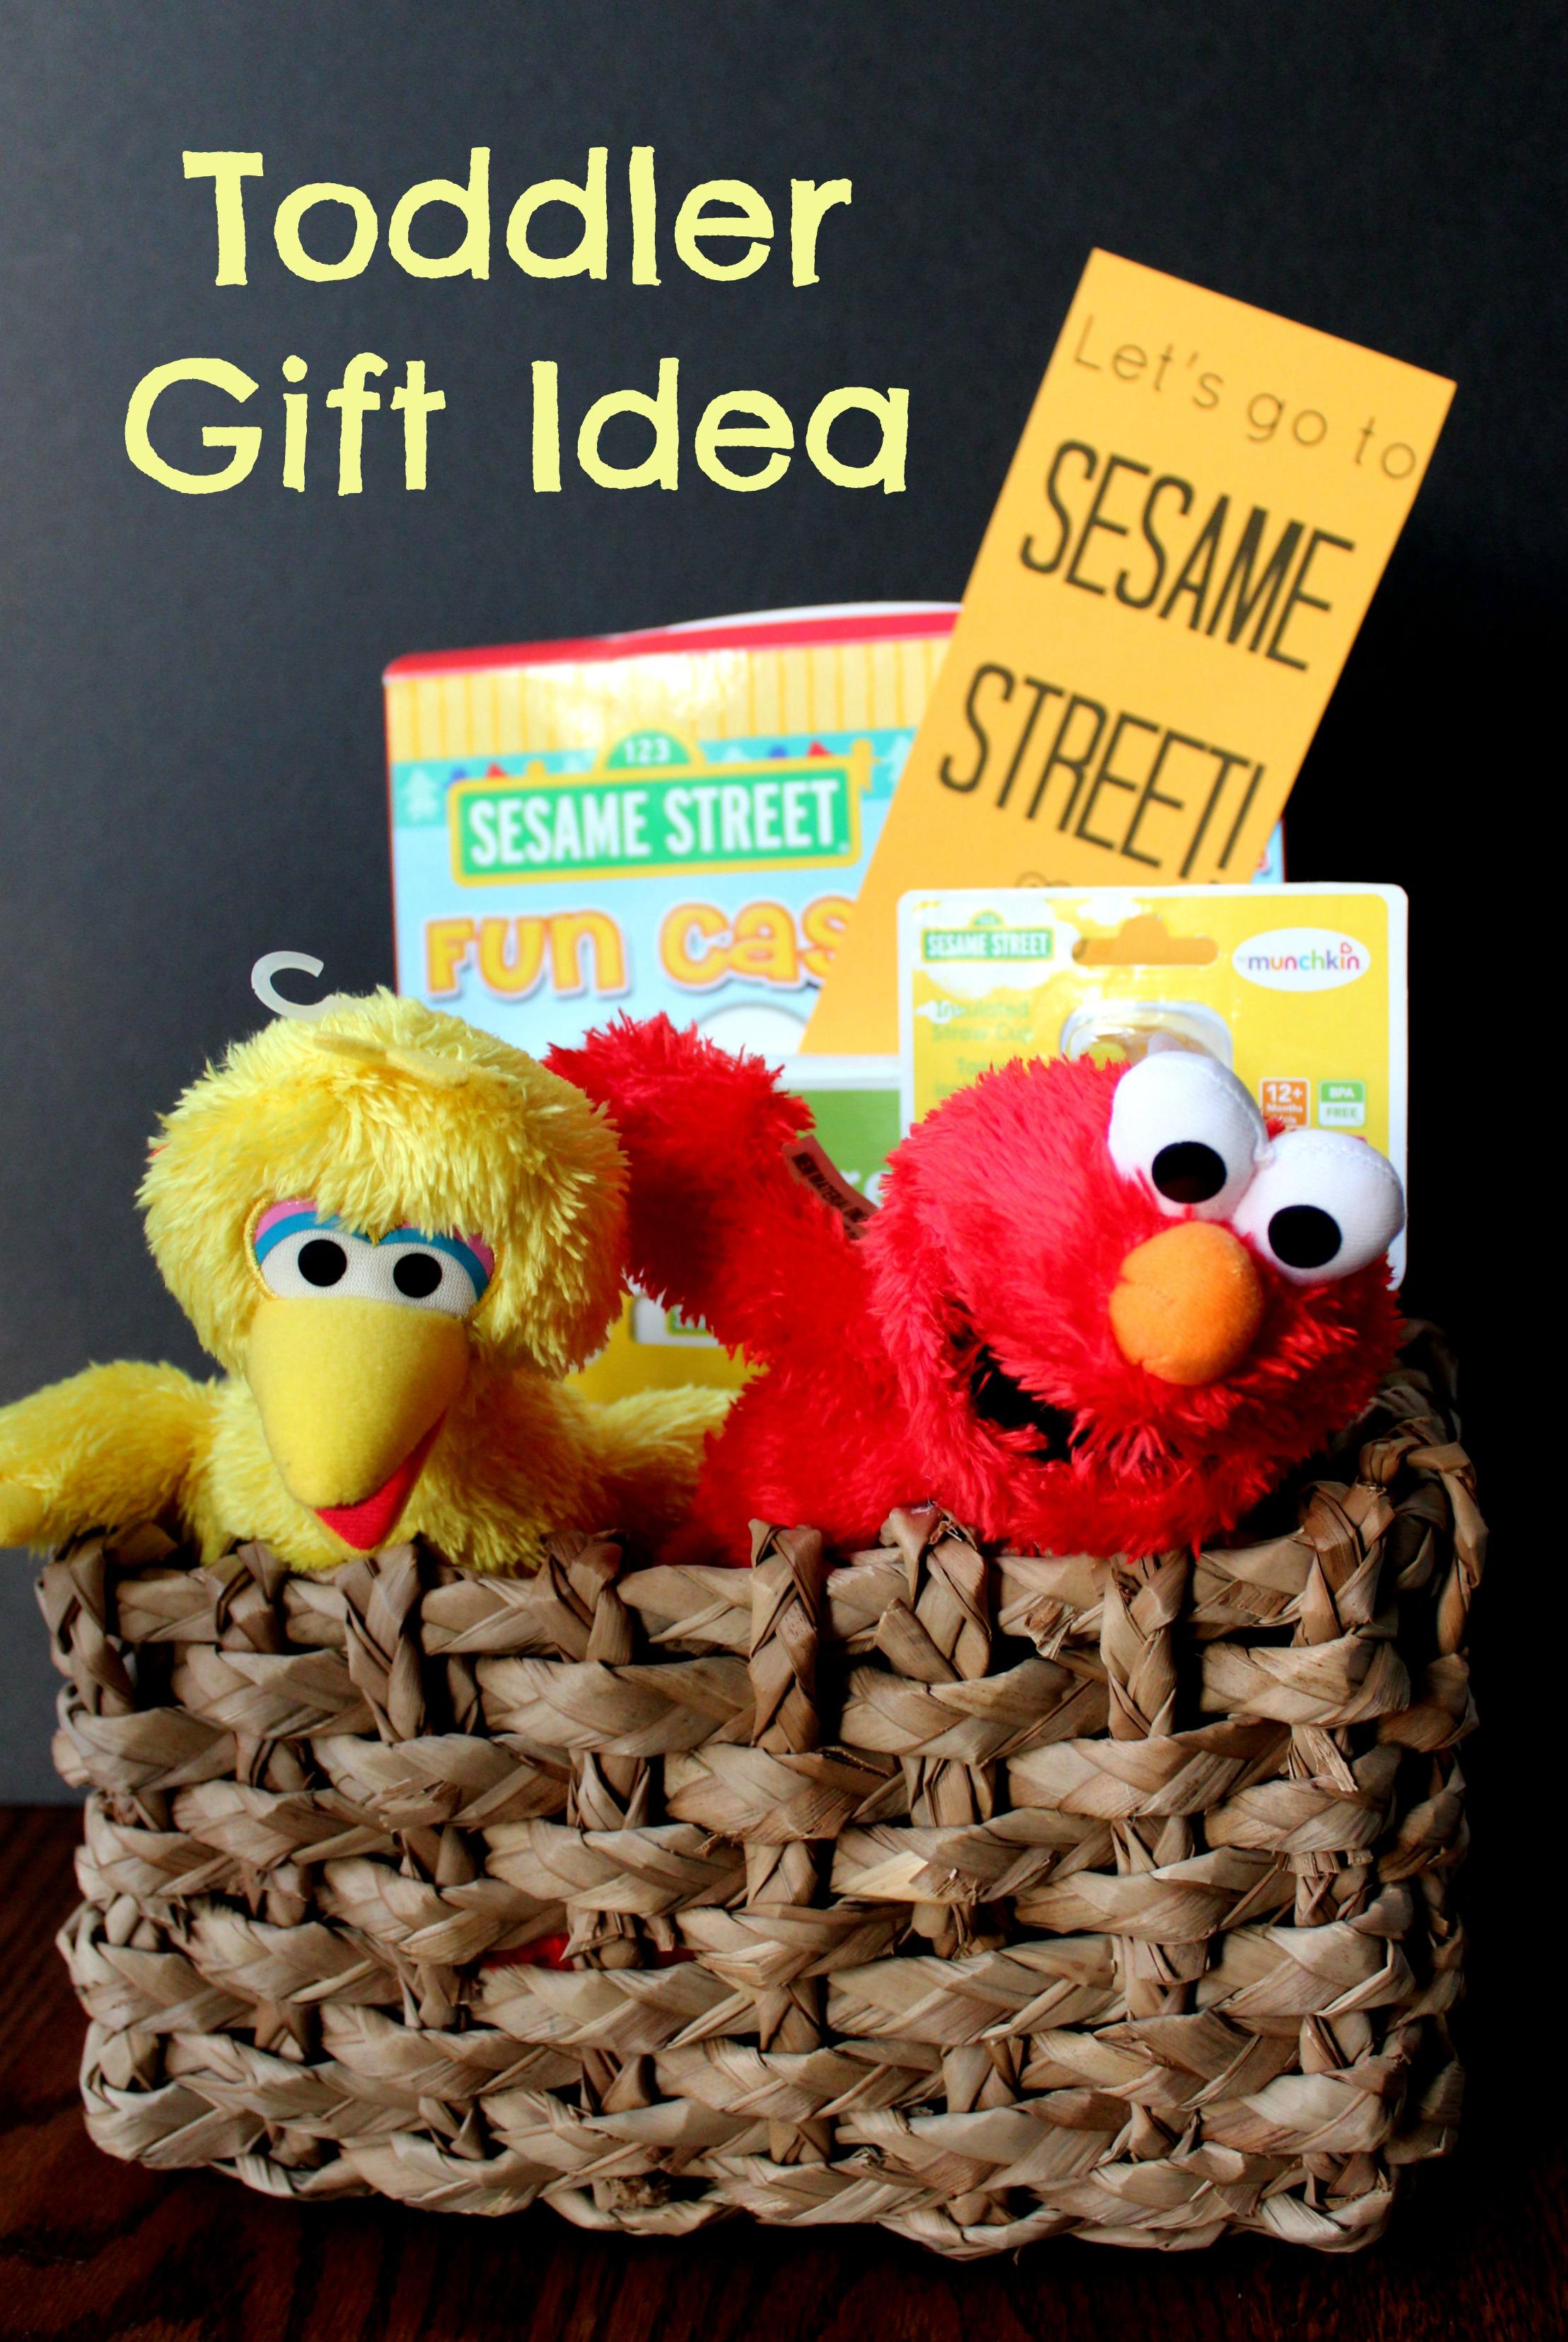 Toddler Gift Idea: Sesame Street Themed